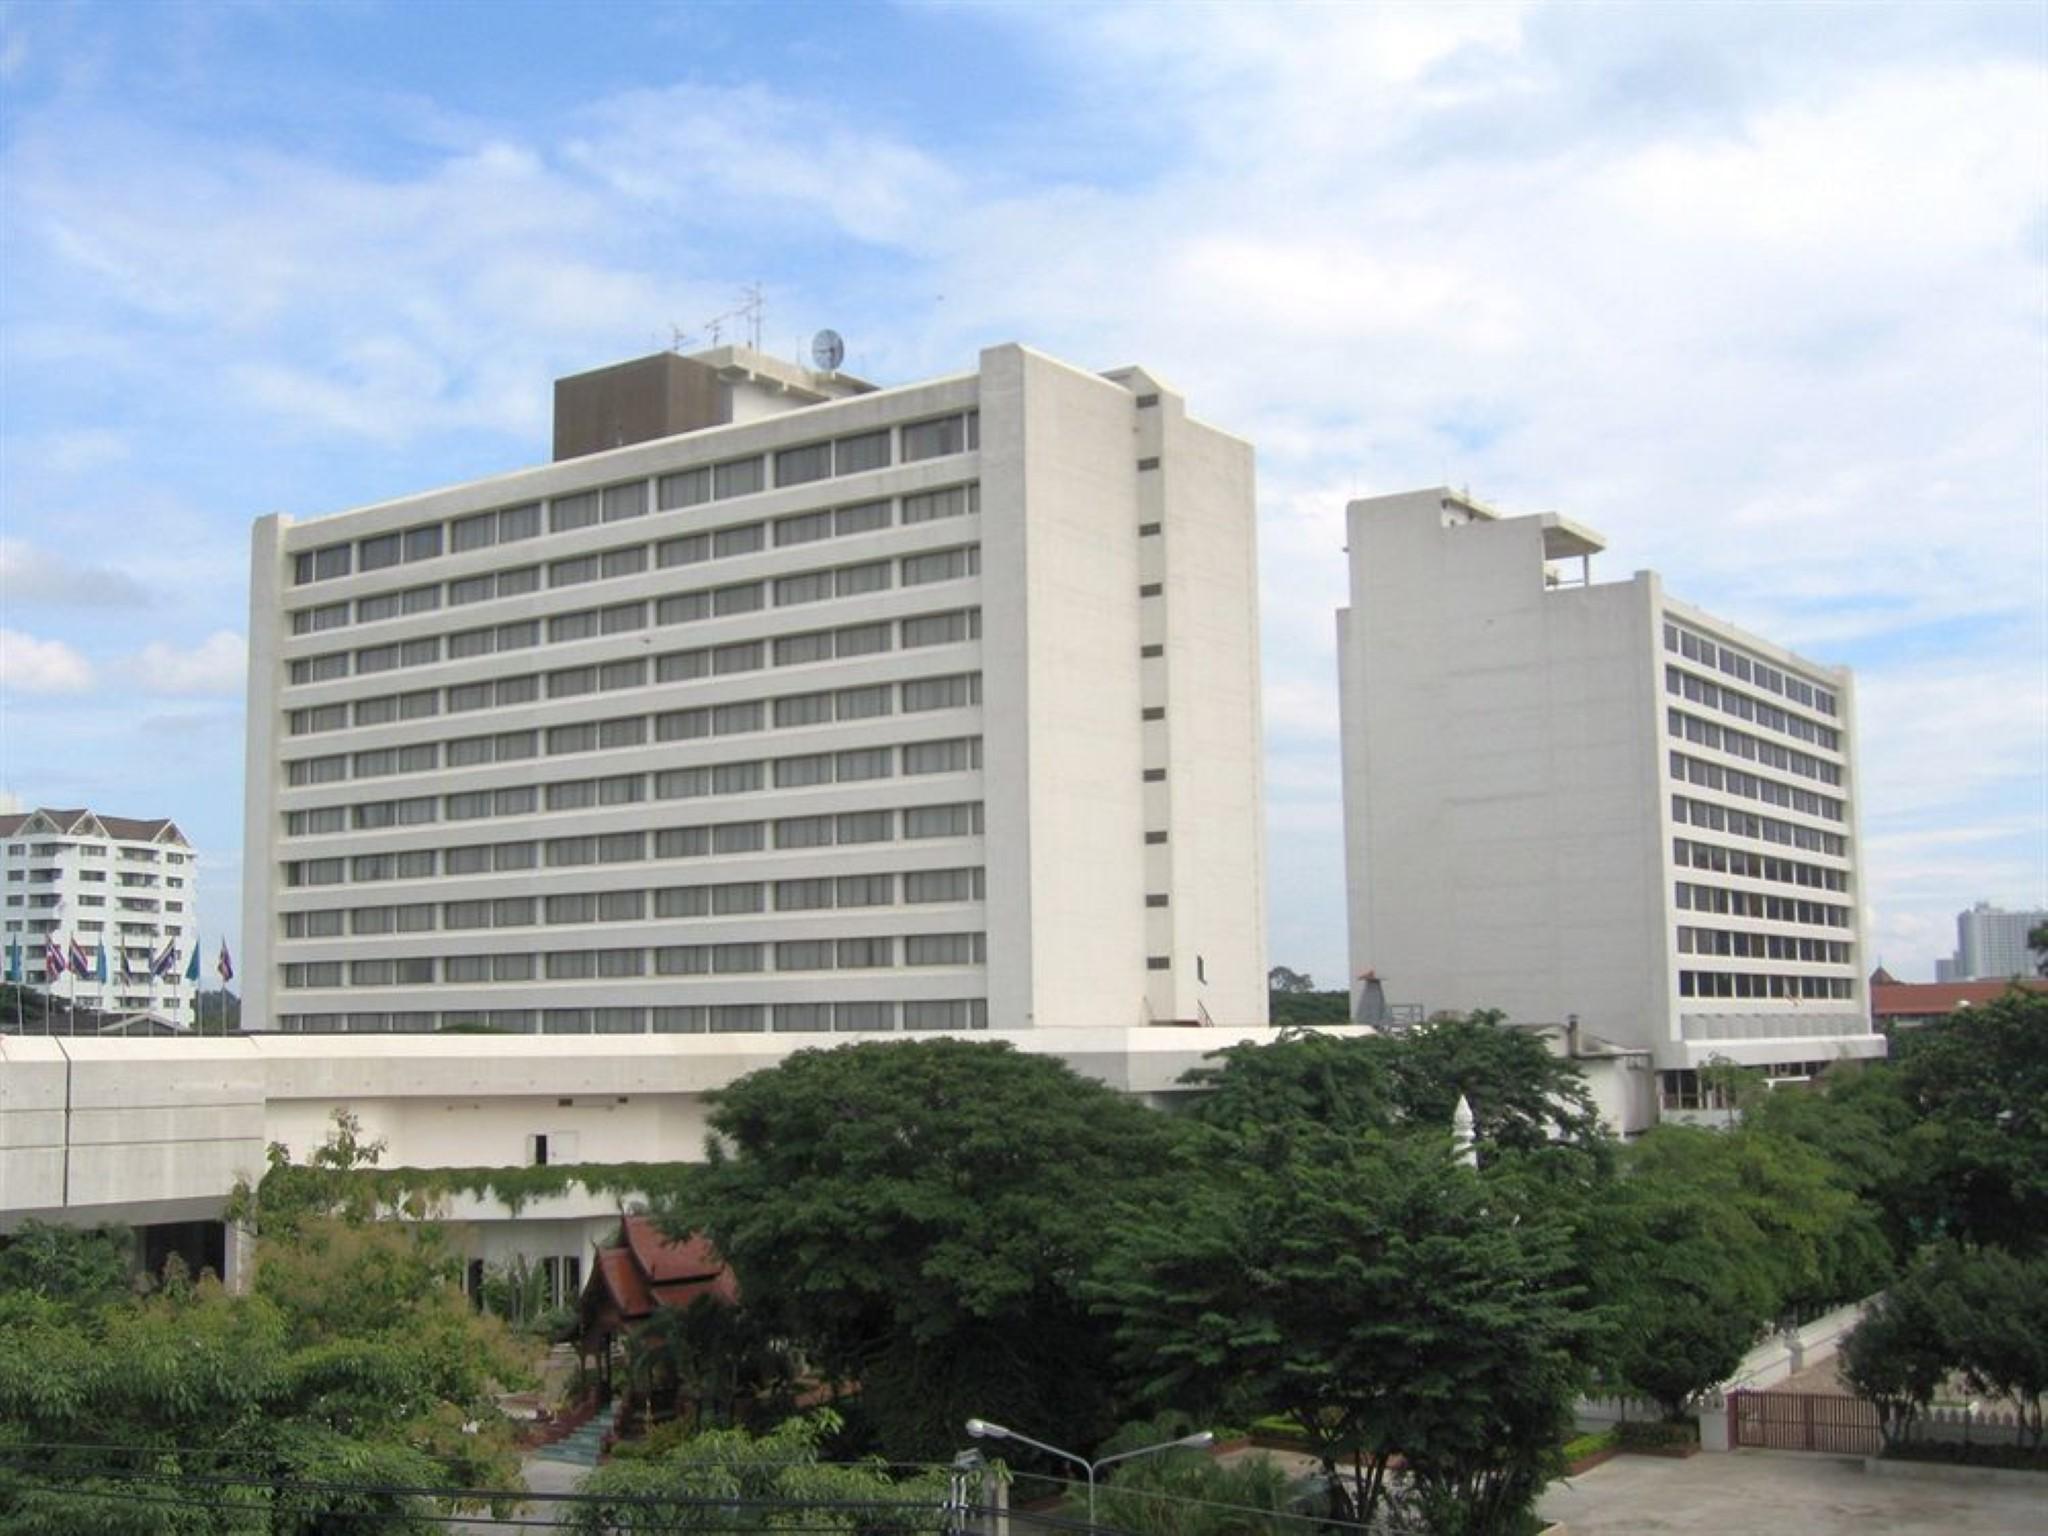 ลดราคา โรงแรมเชียงใหม่ พลาซ่า (Chiang Mai Plaza Hotel) CR Pantip